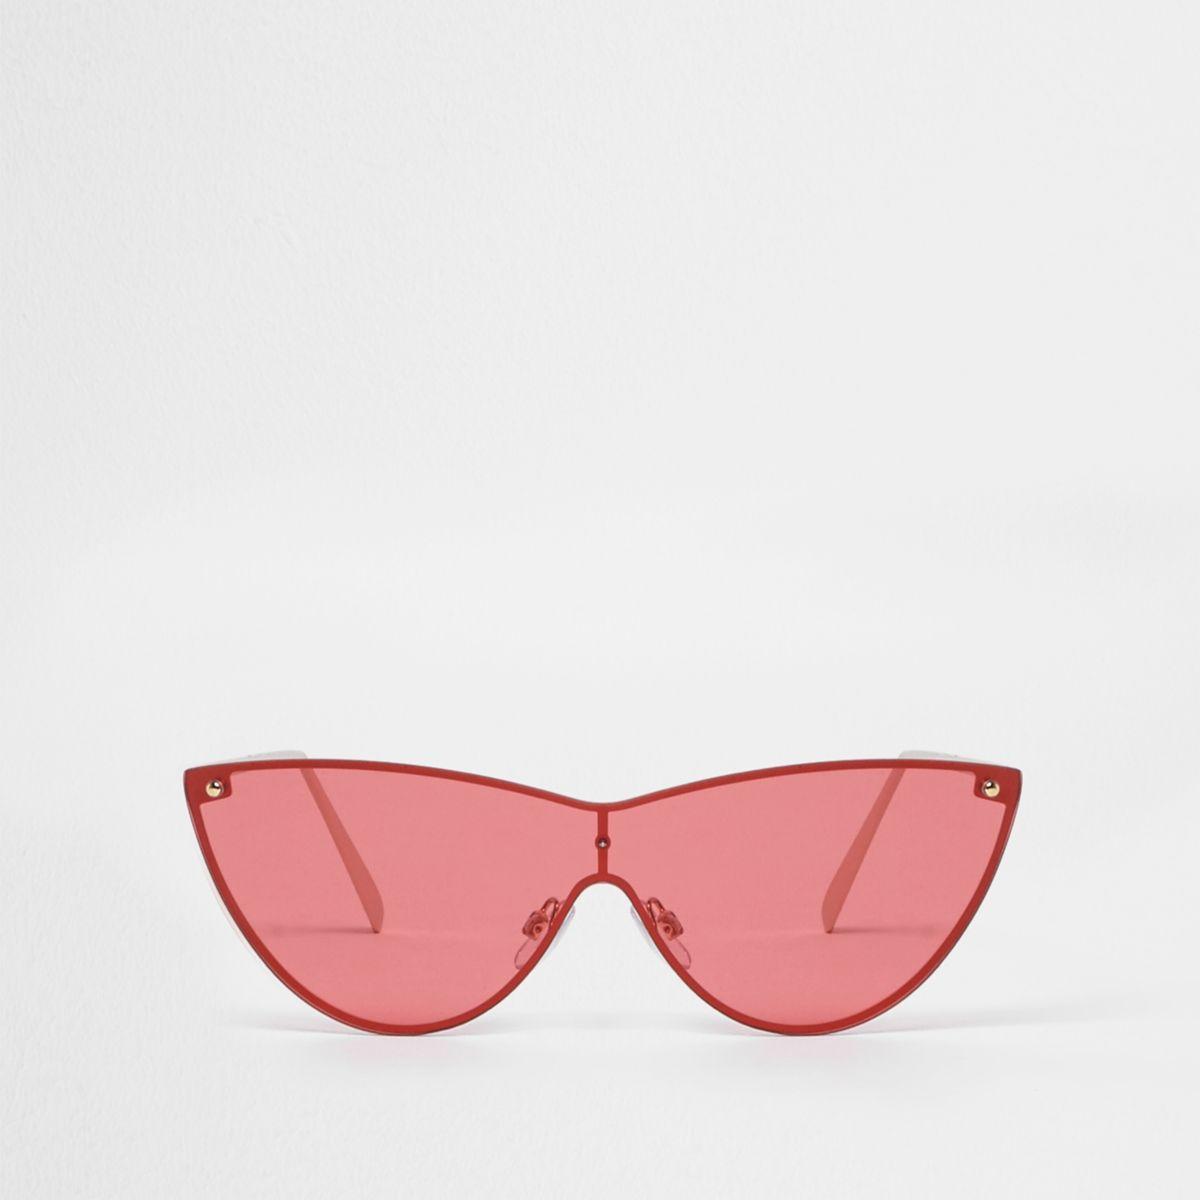 Gold tone visor cat eye red lens sunglasses